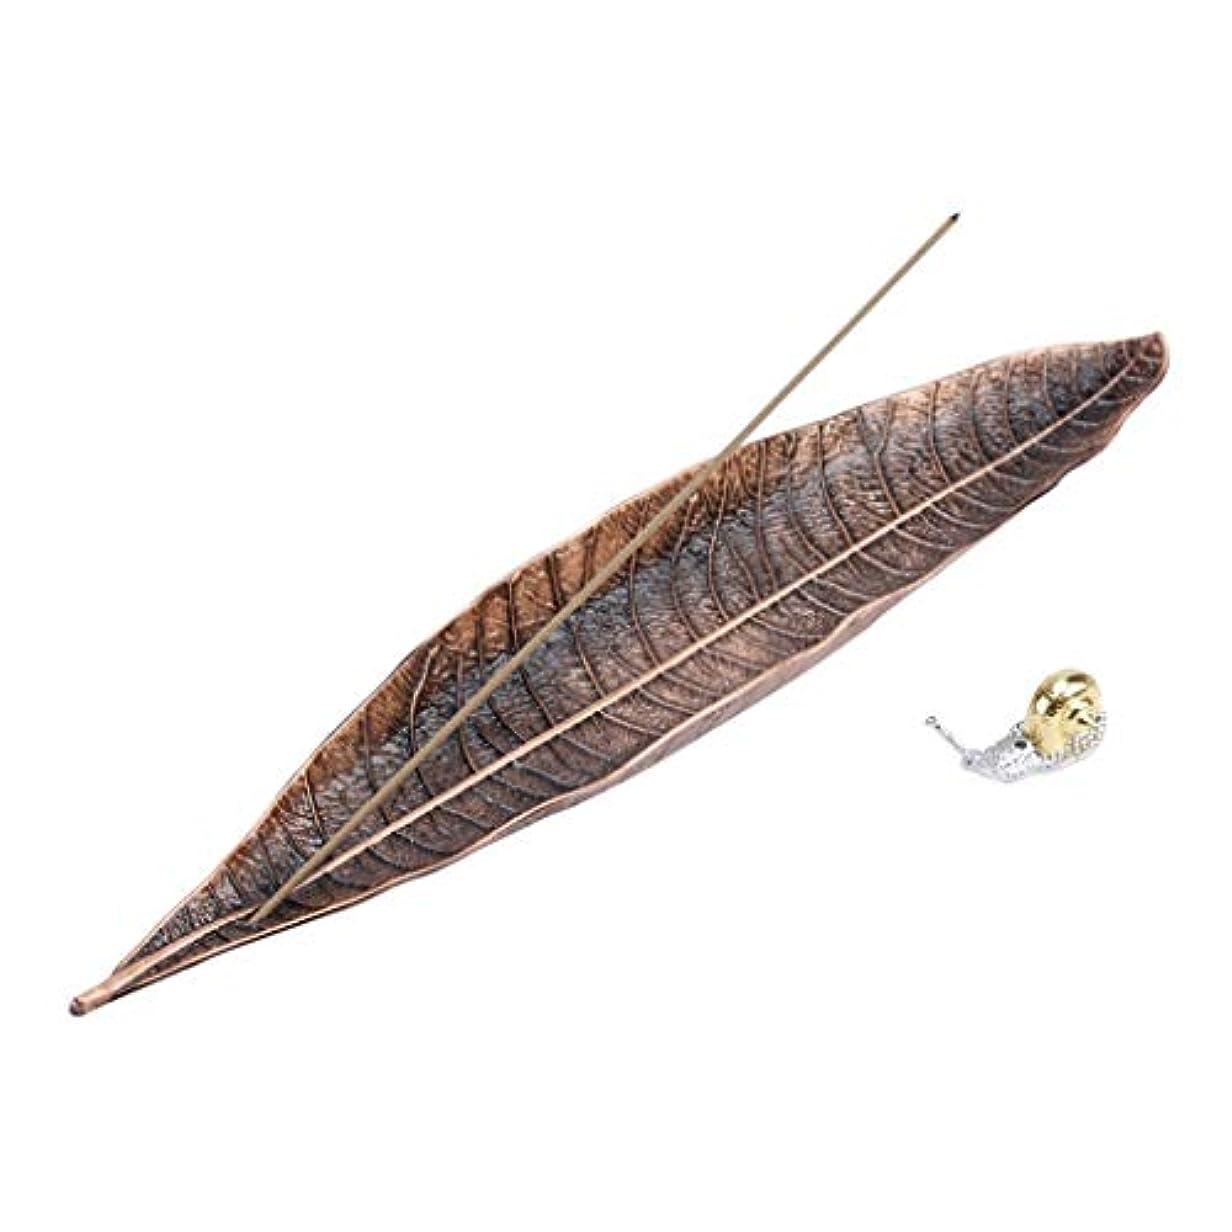 ホームアロマバーナー カタツムリの香の棒のホールダーの家の装飾の付属品が付いている葉の香のホールダーの灰のキャッチャーの長い香バーナー 芳香器アロマバーナー (Color : A)